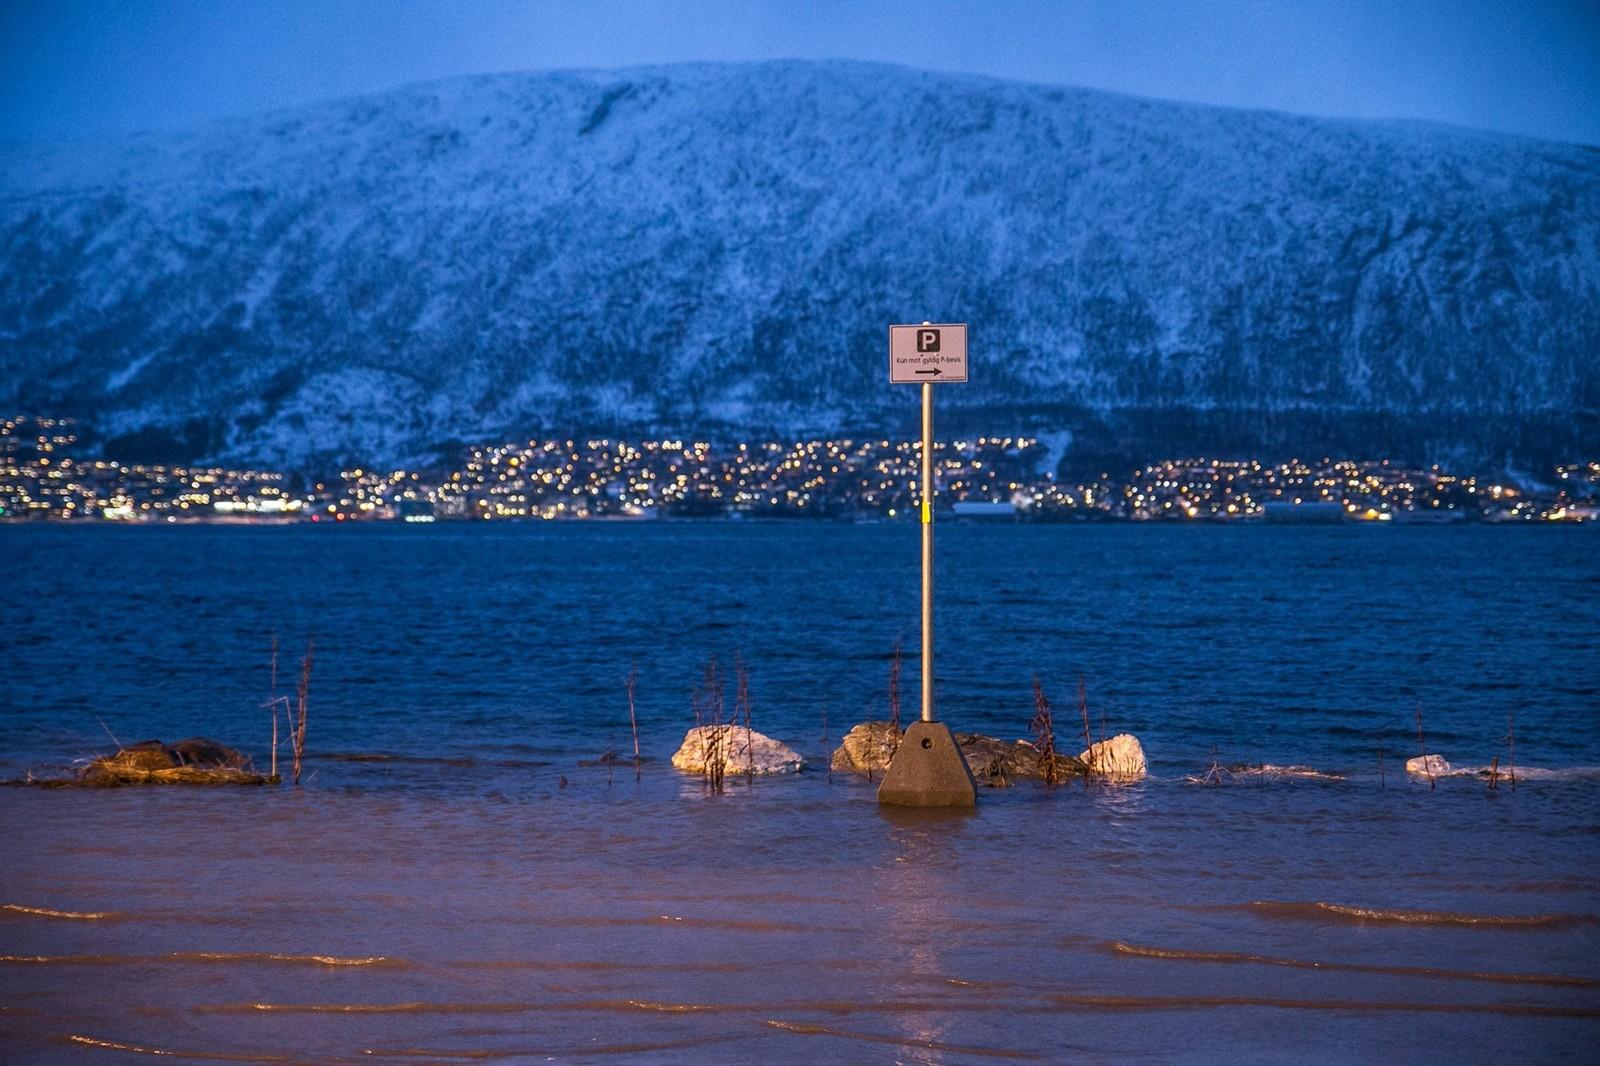 Parkering kun med gyldig båtførerbevis, skriver fotografen.